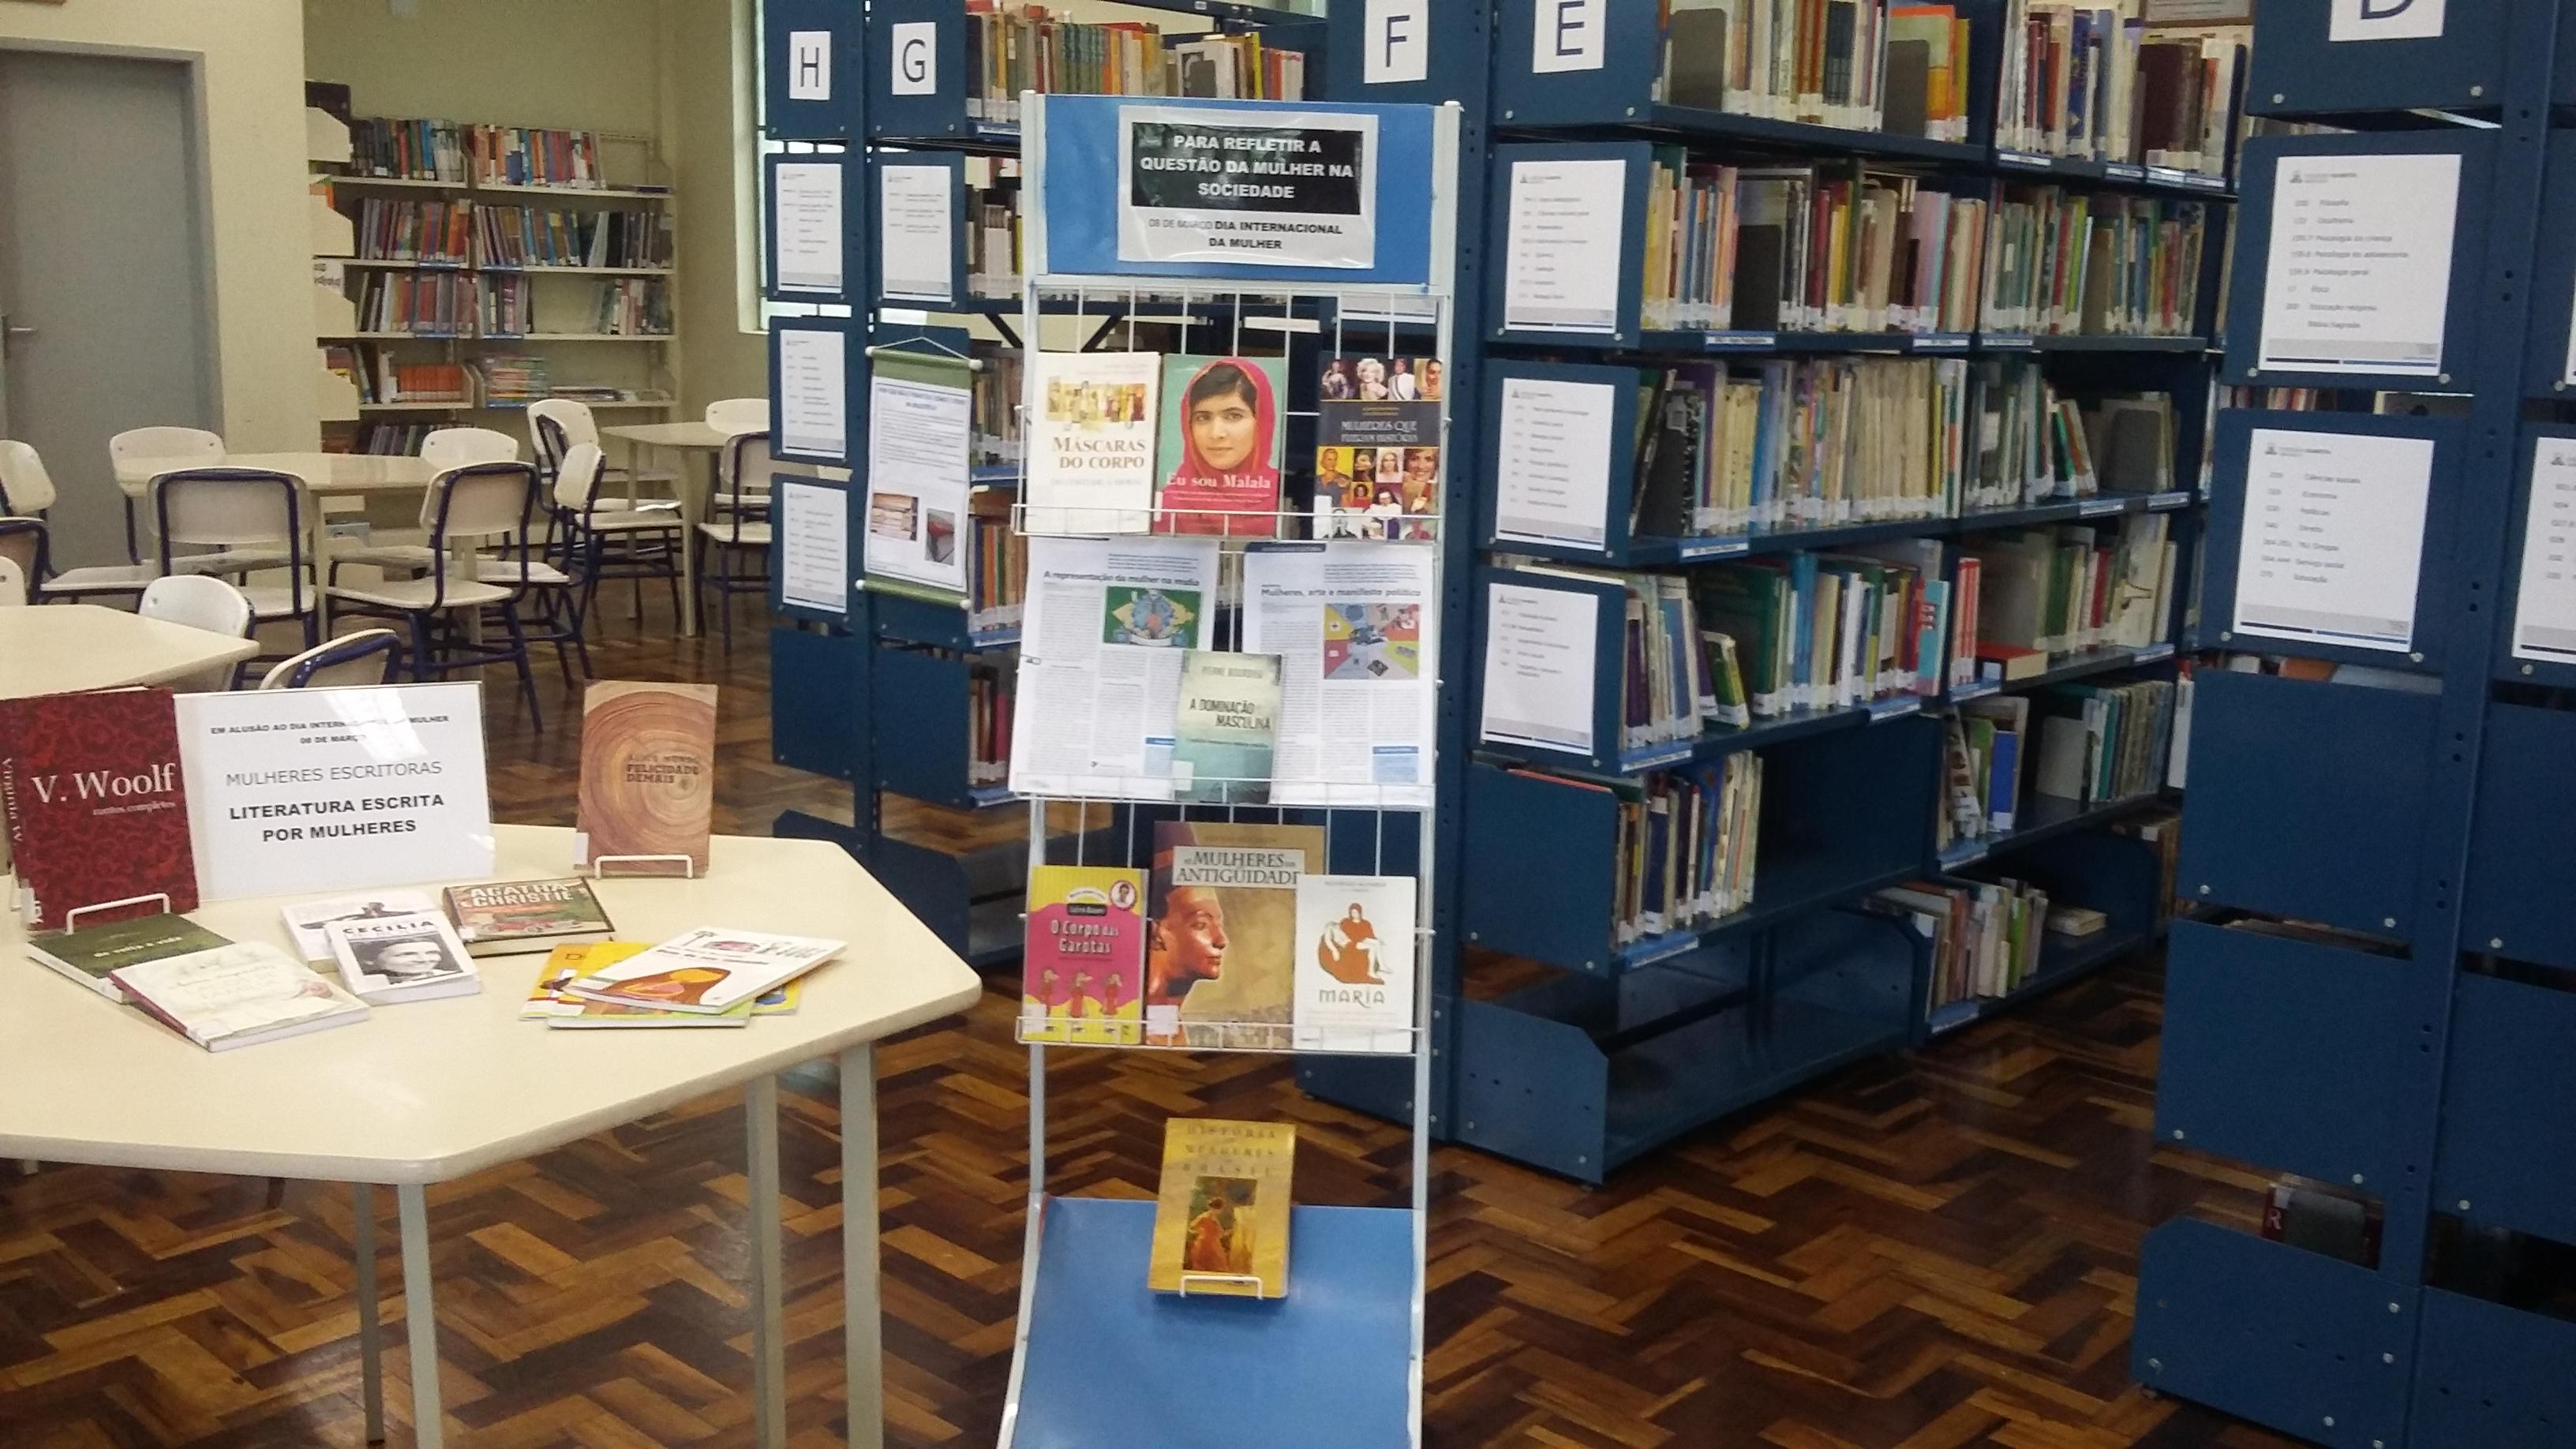 Na semana em que celebramos o Dia Internacional da Mulher, a Biblioteca Ir. José Bernardi realizou duas exposições literárias com títulos importantes sobre a relevância do papel feminino na sociedade.